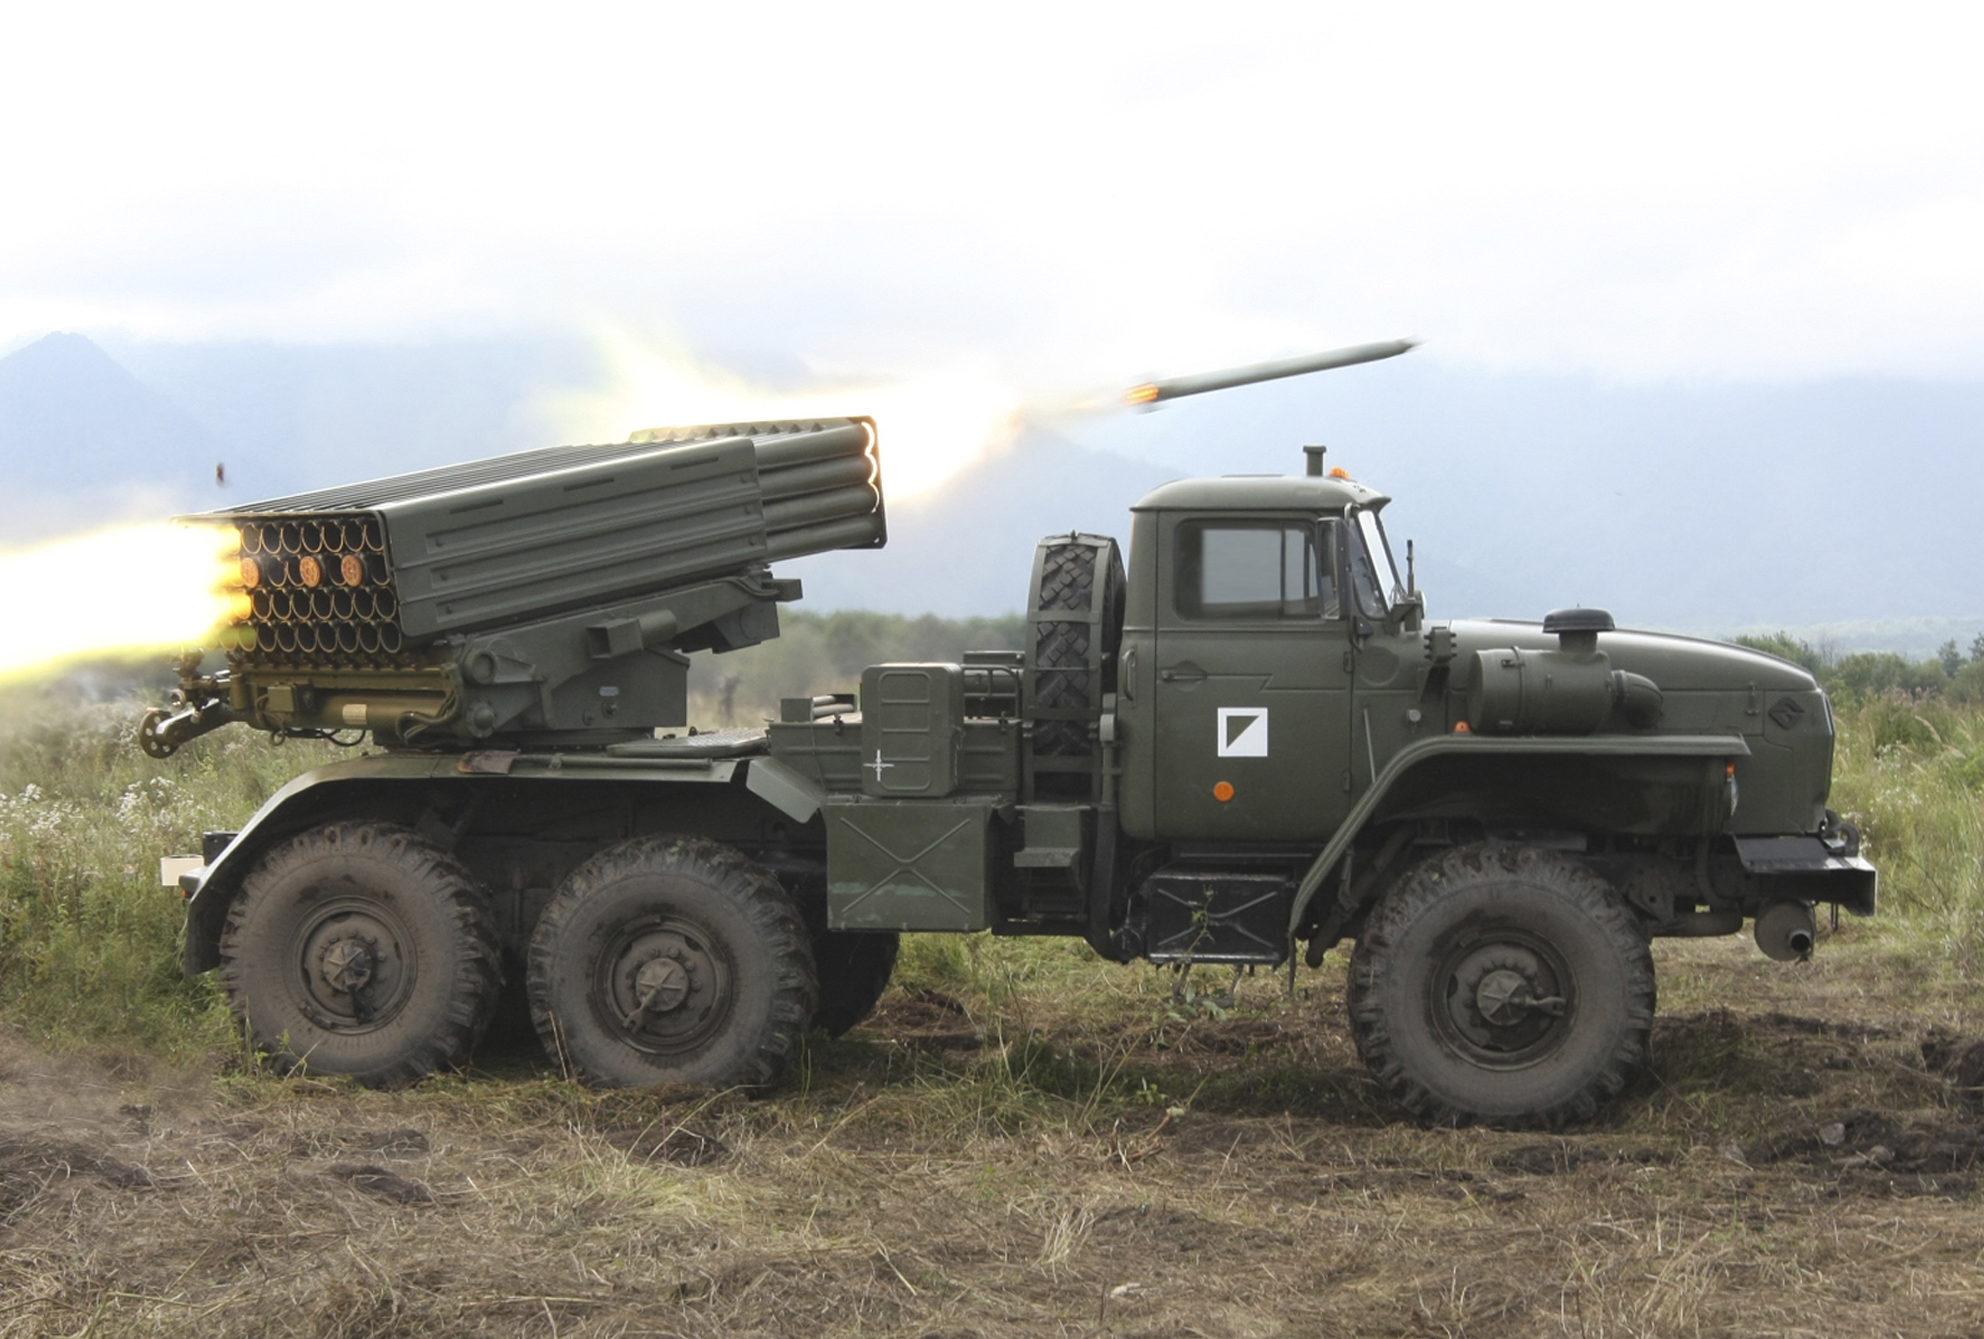 Сплаву - 75